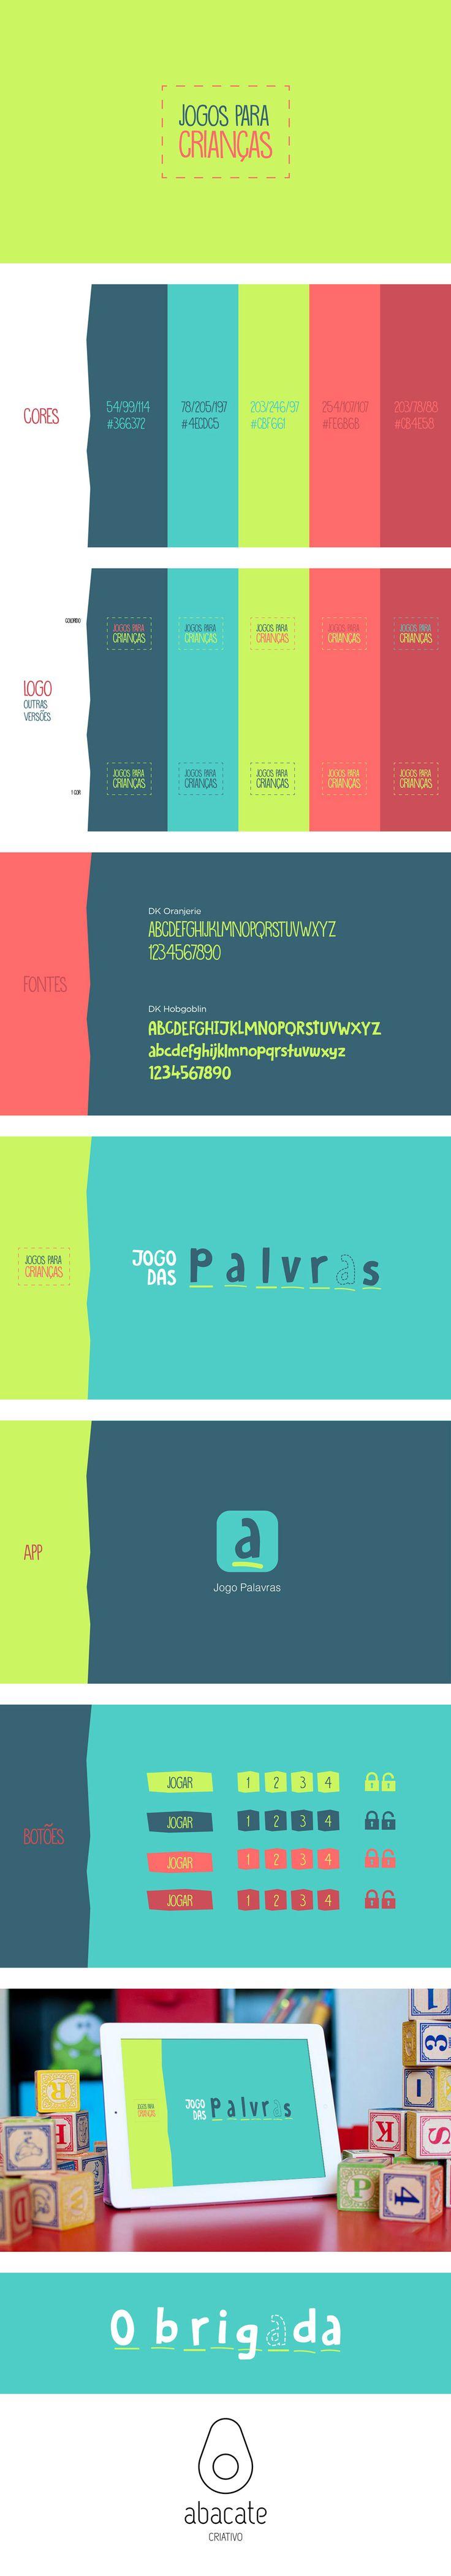 Branding desenvolvido para Jogos para Crianças, que pretende ser um um conjuntos jogos infantis. O primeiro jogo/App iOS a ser criado foi o Jogo das palavras.  Desenvolvimento: Ricardo Paiva (rpaiva.developer@gmail.com)